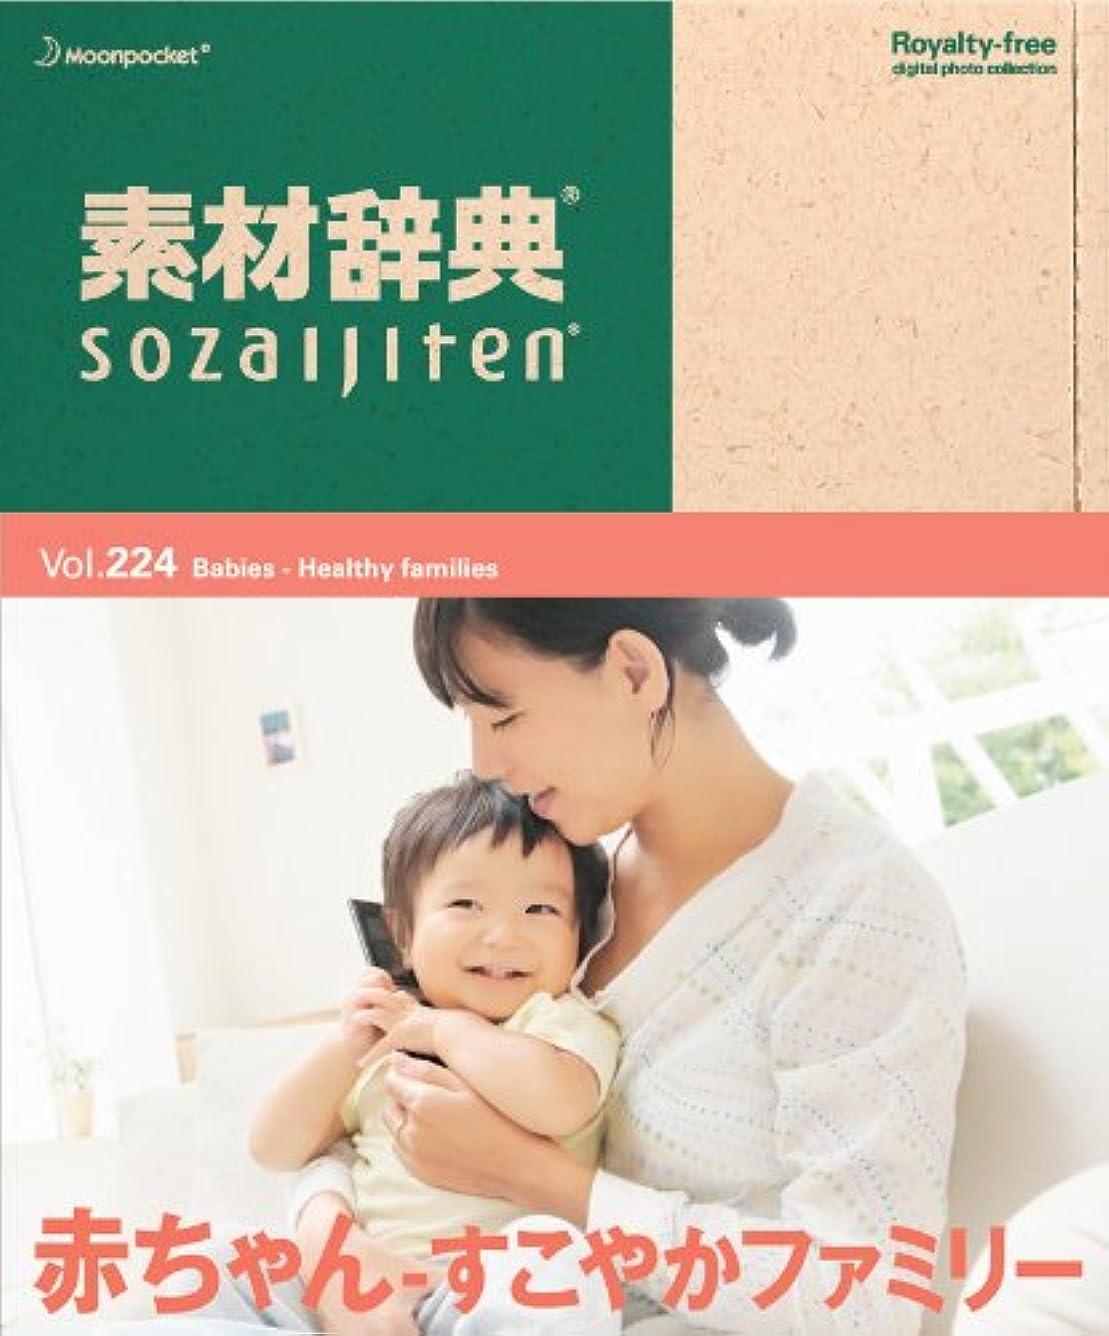 クライマックス追加見積り素材辞典 Vol.224<赤ちゃん-すこやかファミリー編>